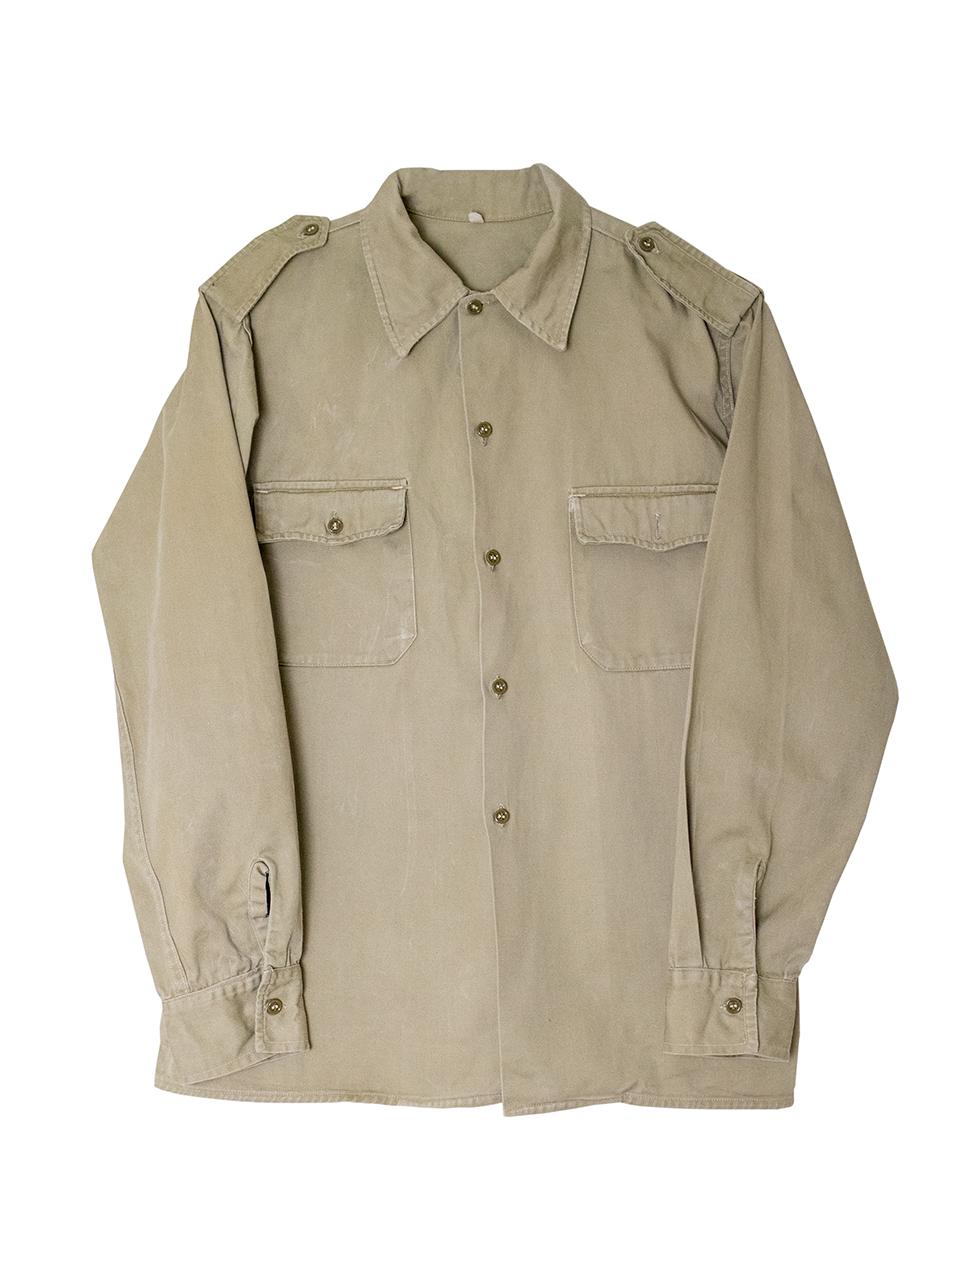 1950年代フランス軍コットンシャツ